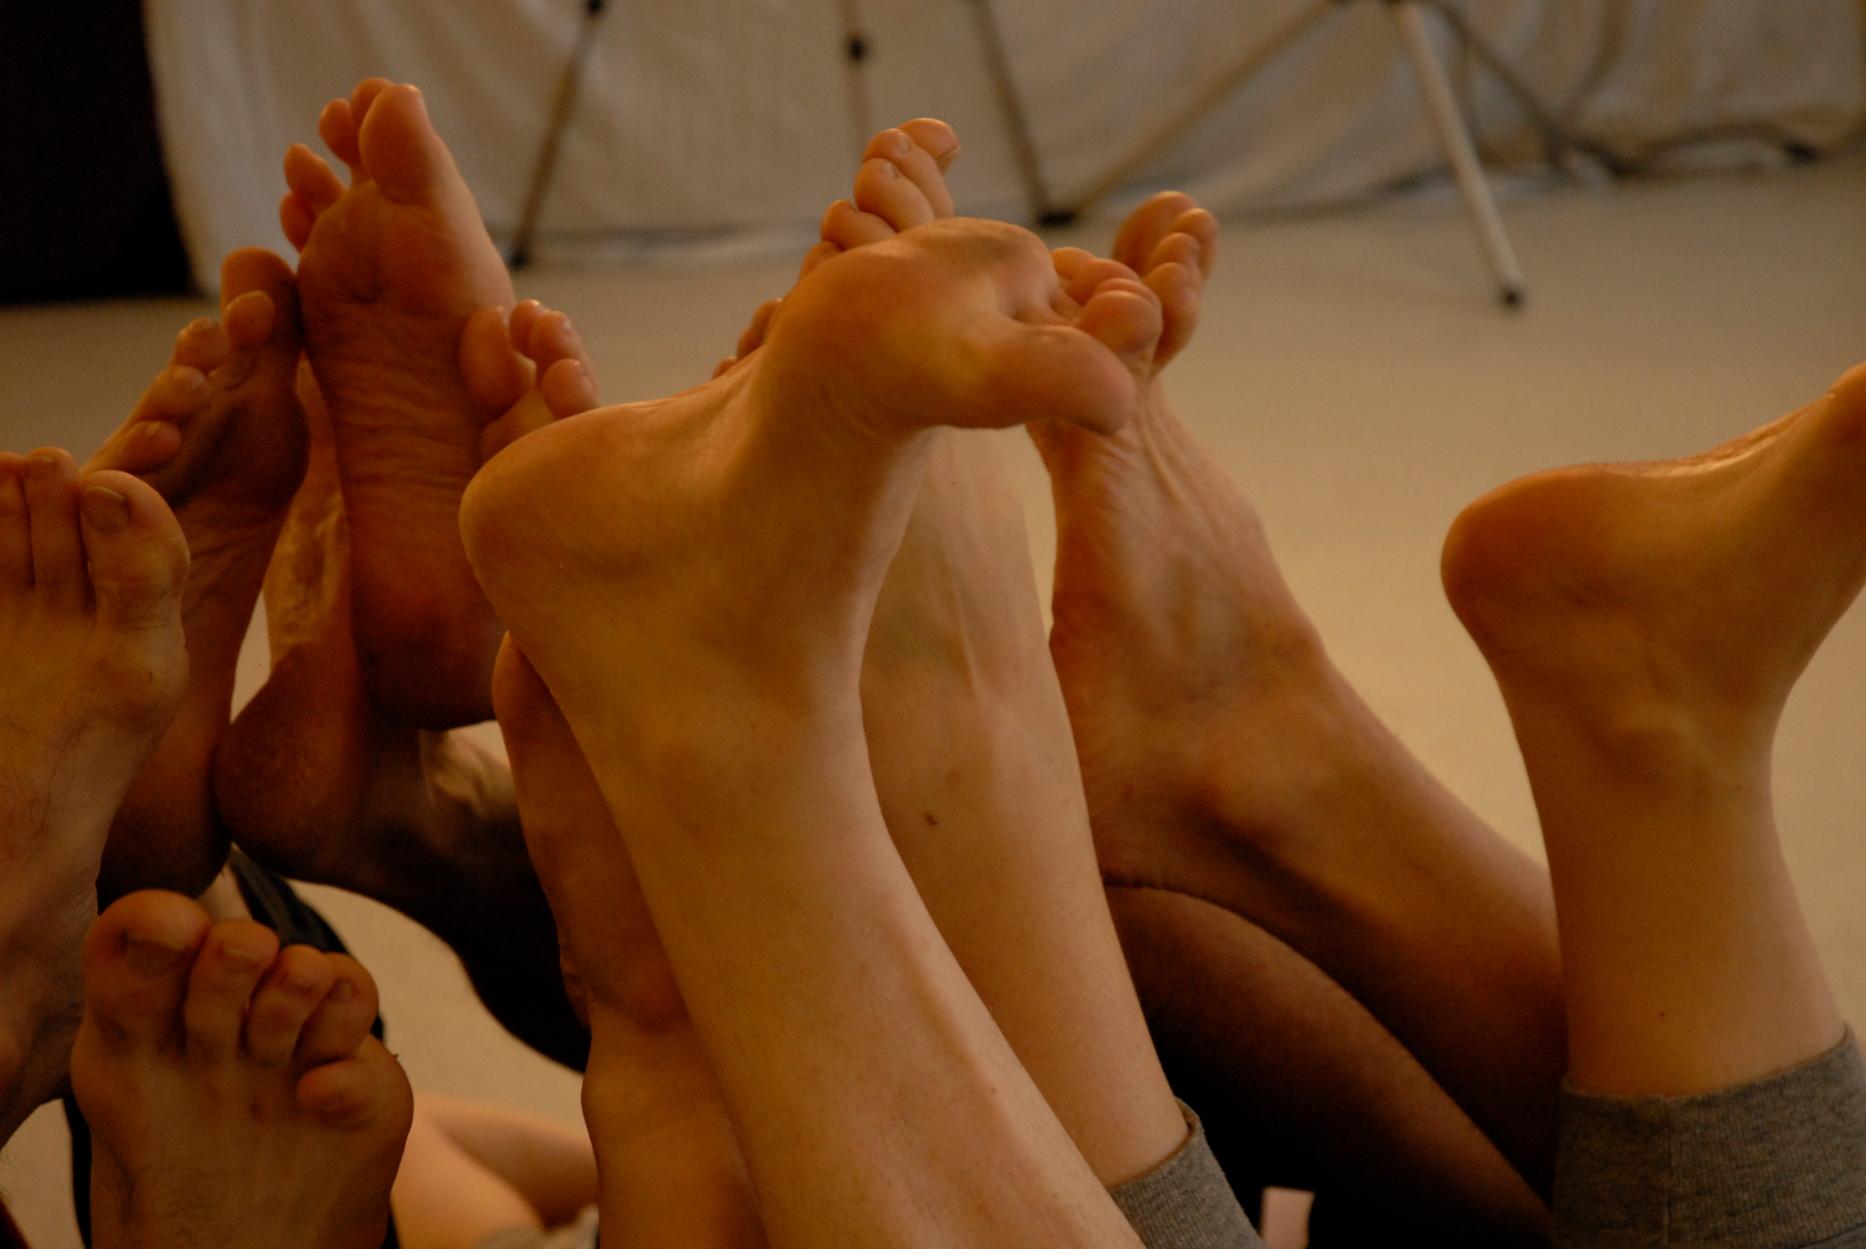 Füße 3